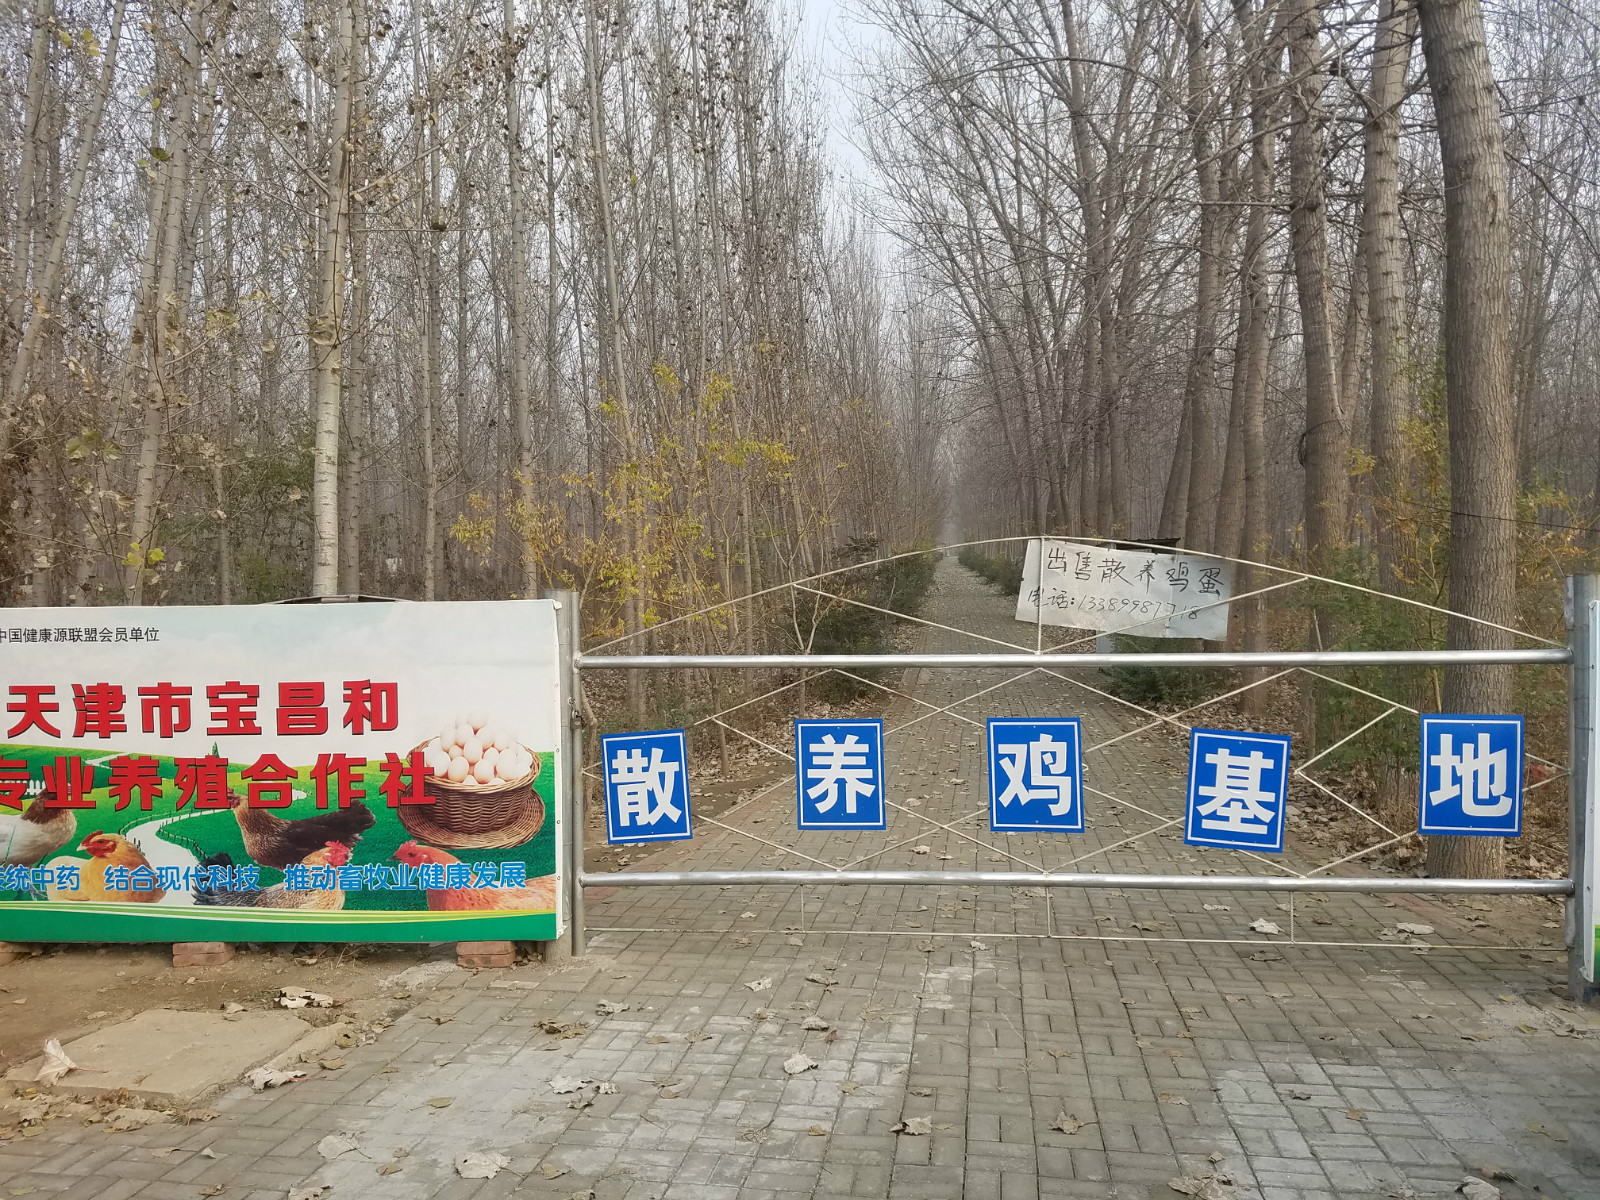 天津市宝坻区宝昌和养鸡专业合作社